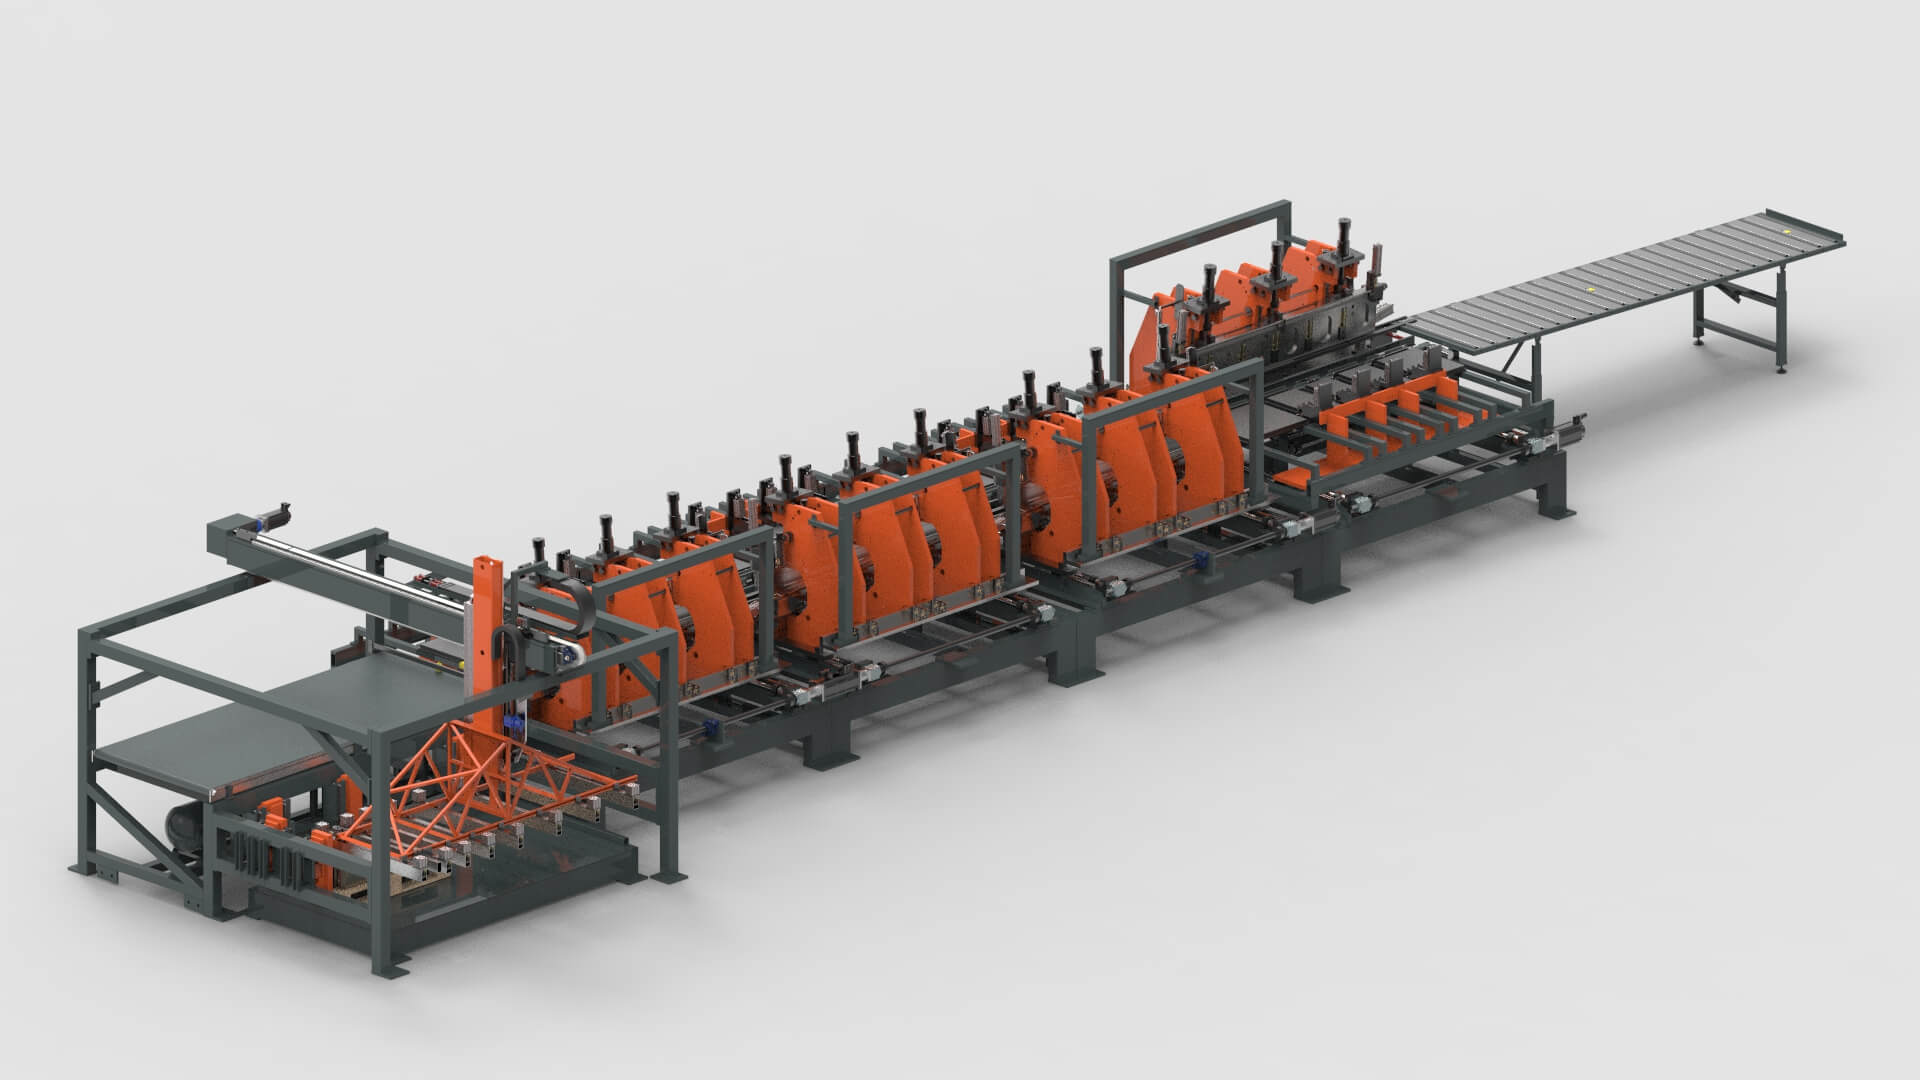 stahlzargen-blechbearbeitung-biegen-mit-dämpfungsprofil-produktionslinie.jpg